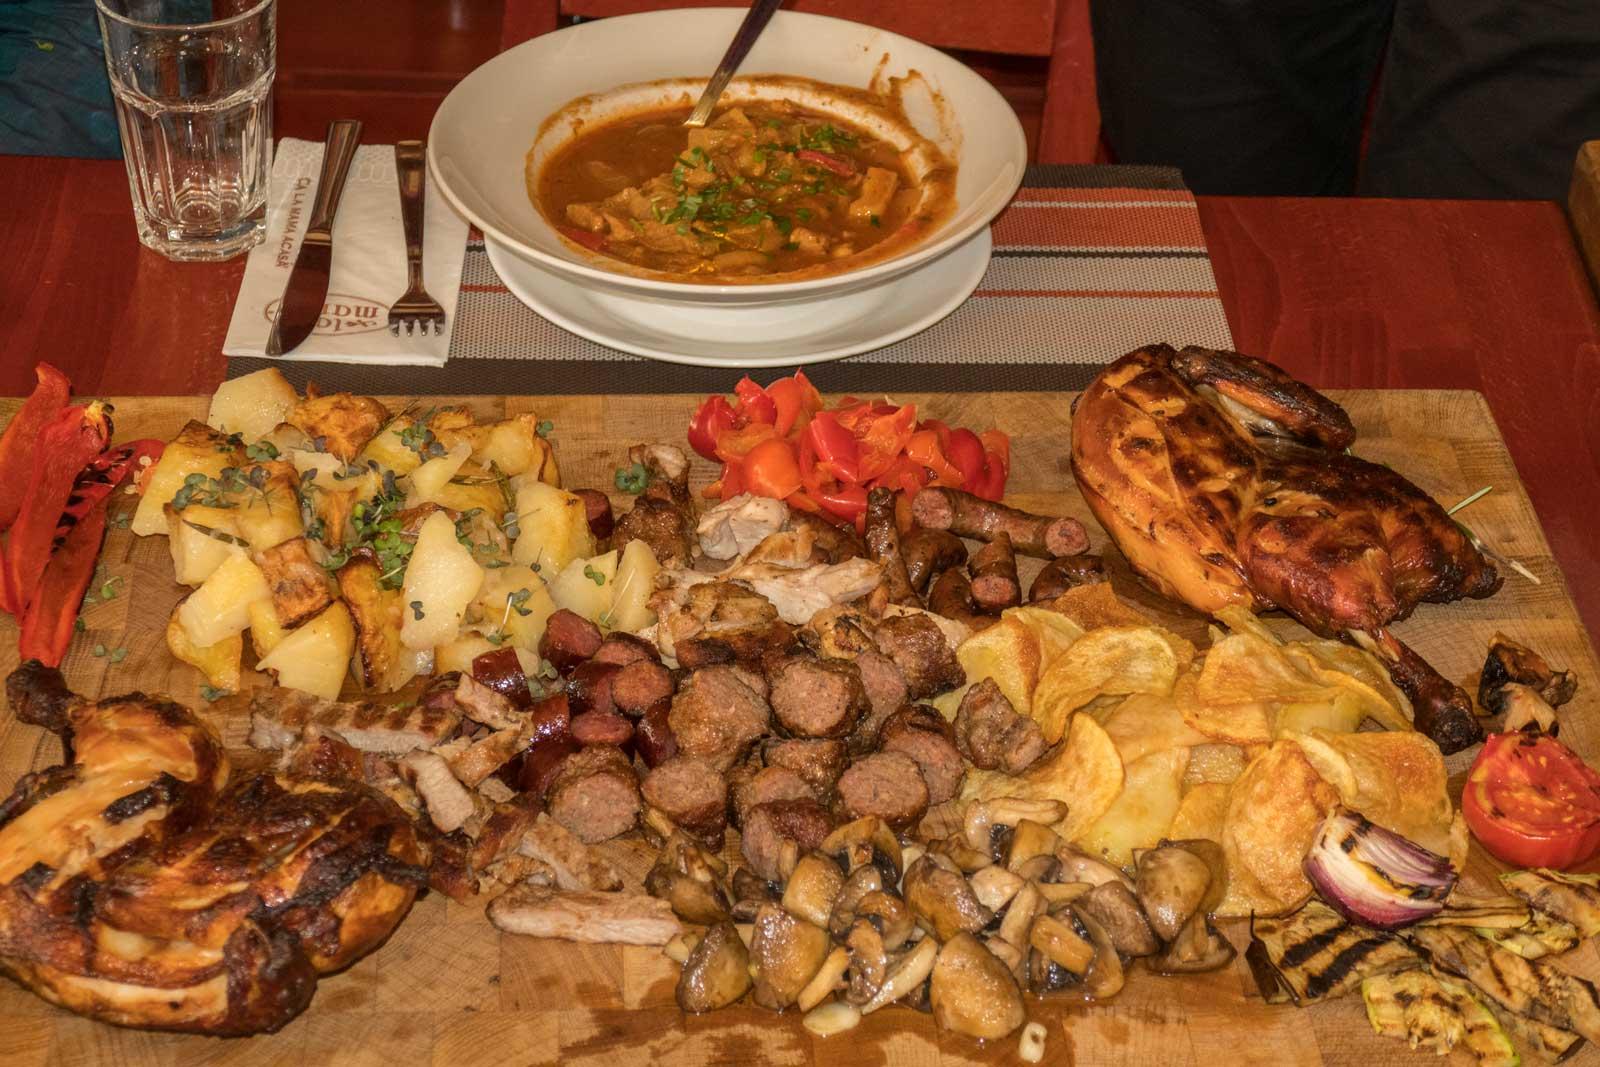 Romanian food at La Mama